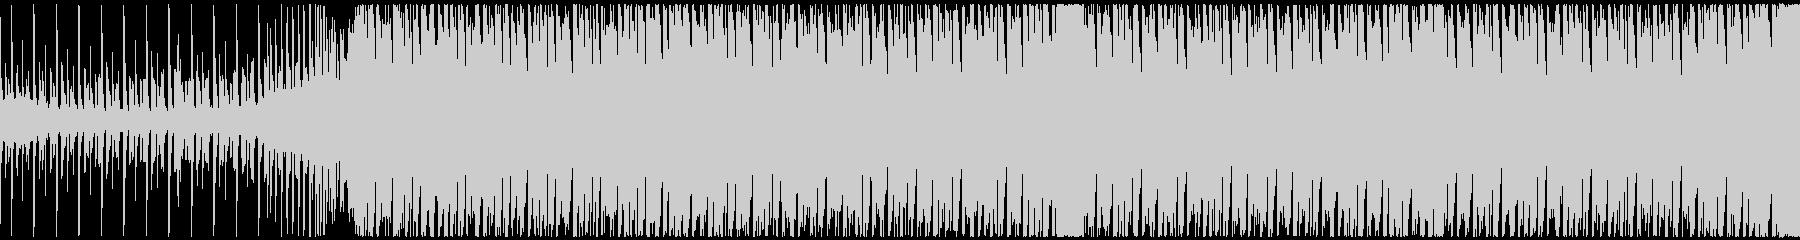 【ループ対応】疾走感 熱いEDM 2の未再生の波形